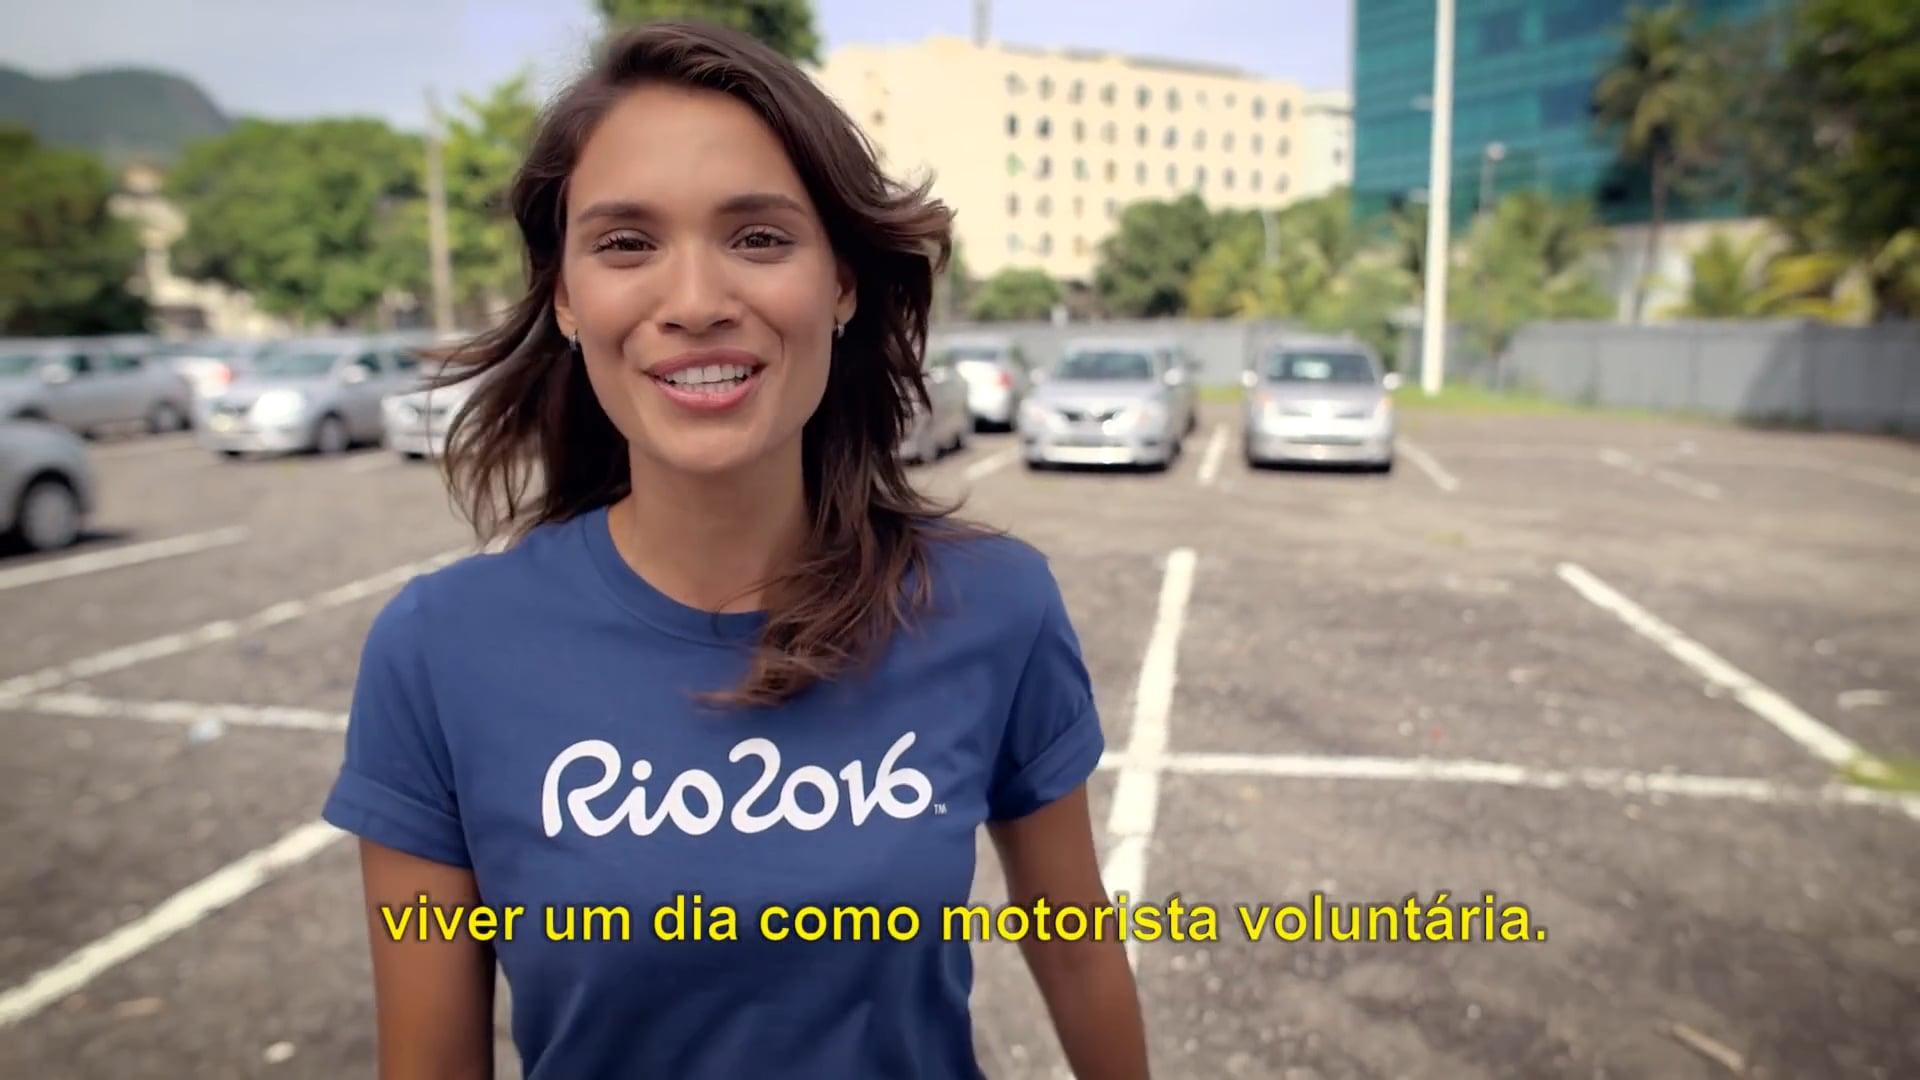 Pilotos dos Jogos - Voluntários Rio 2016